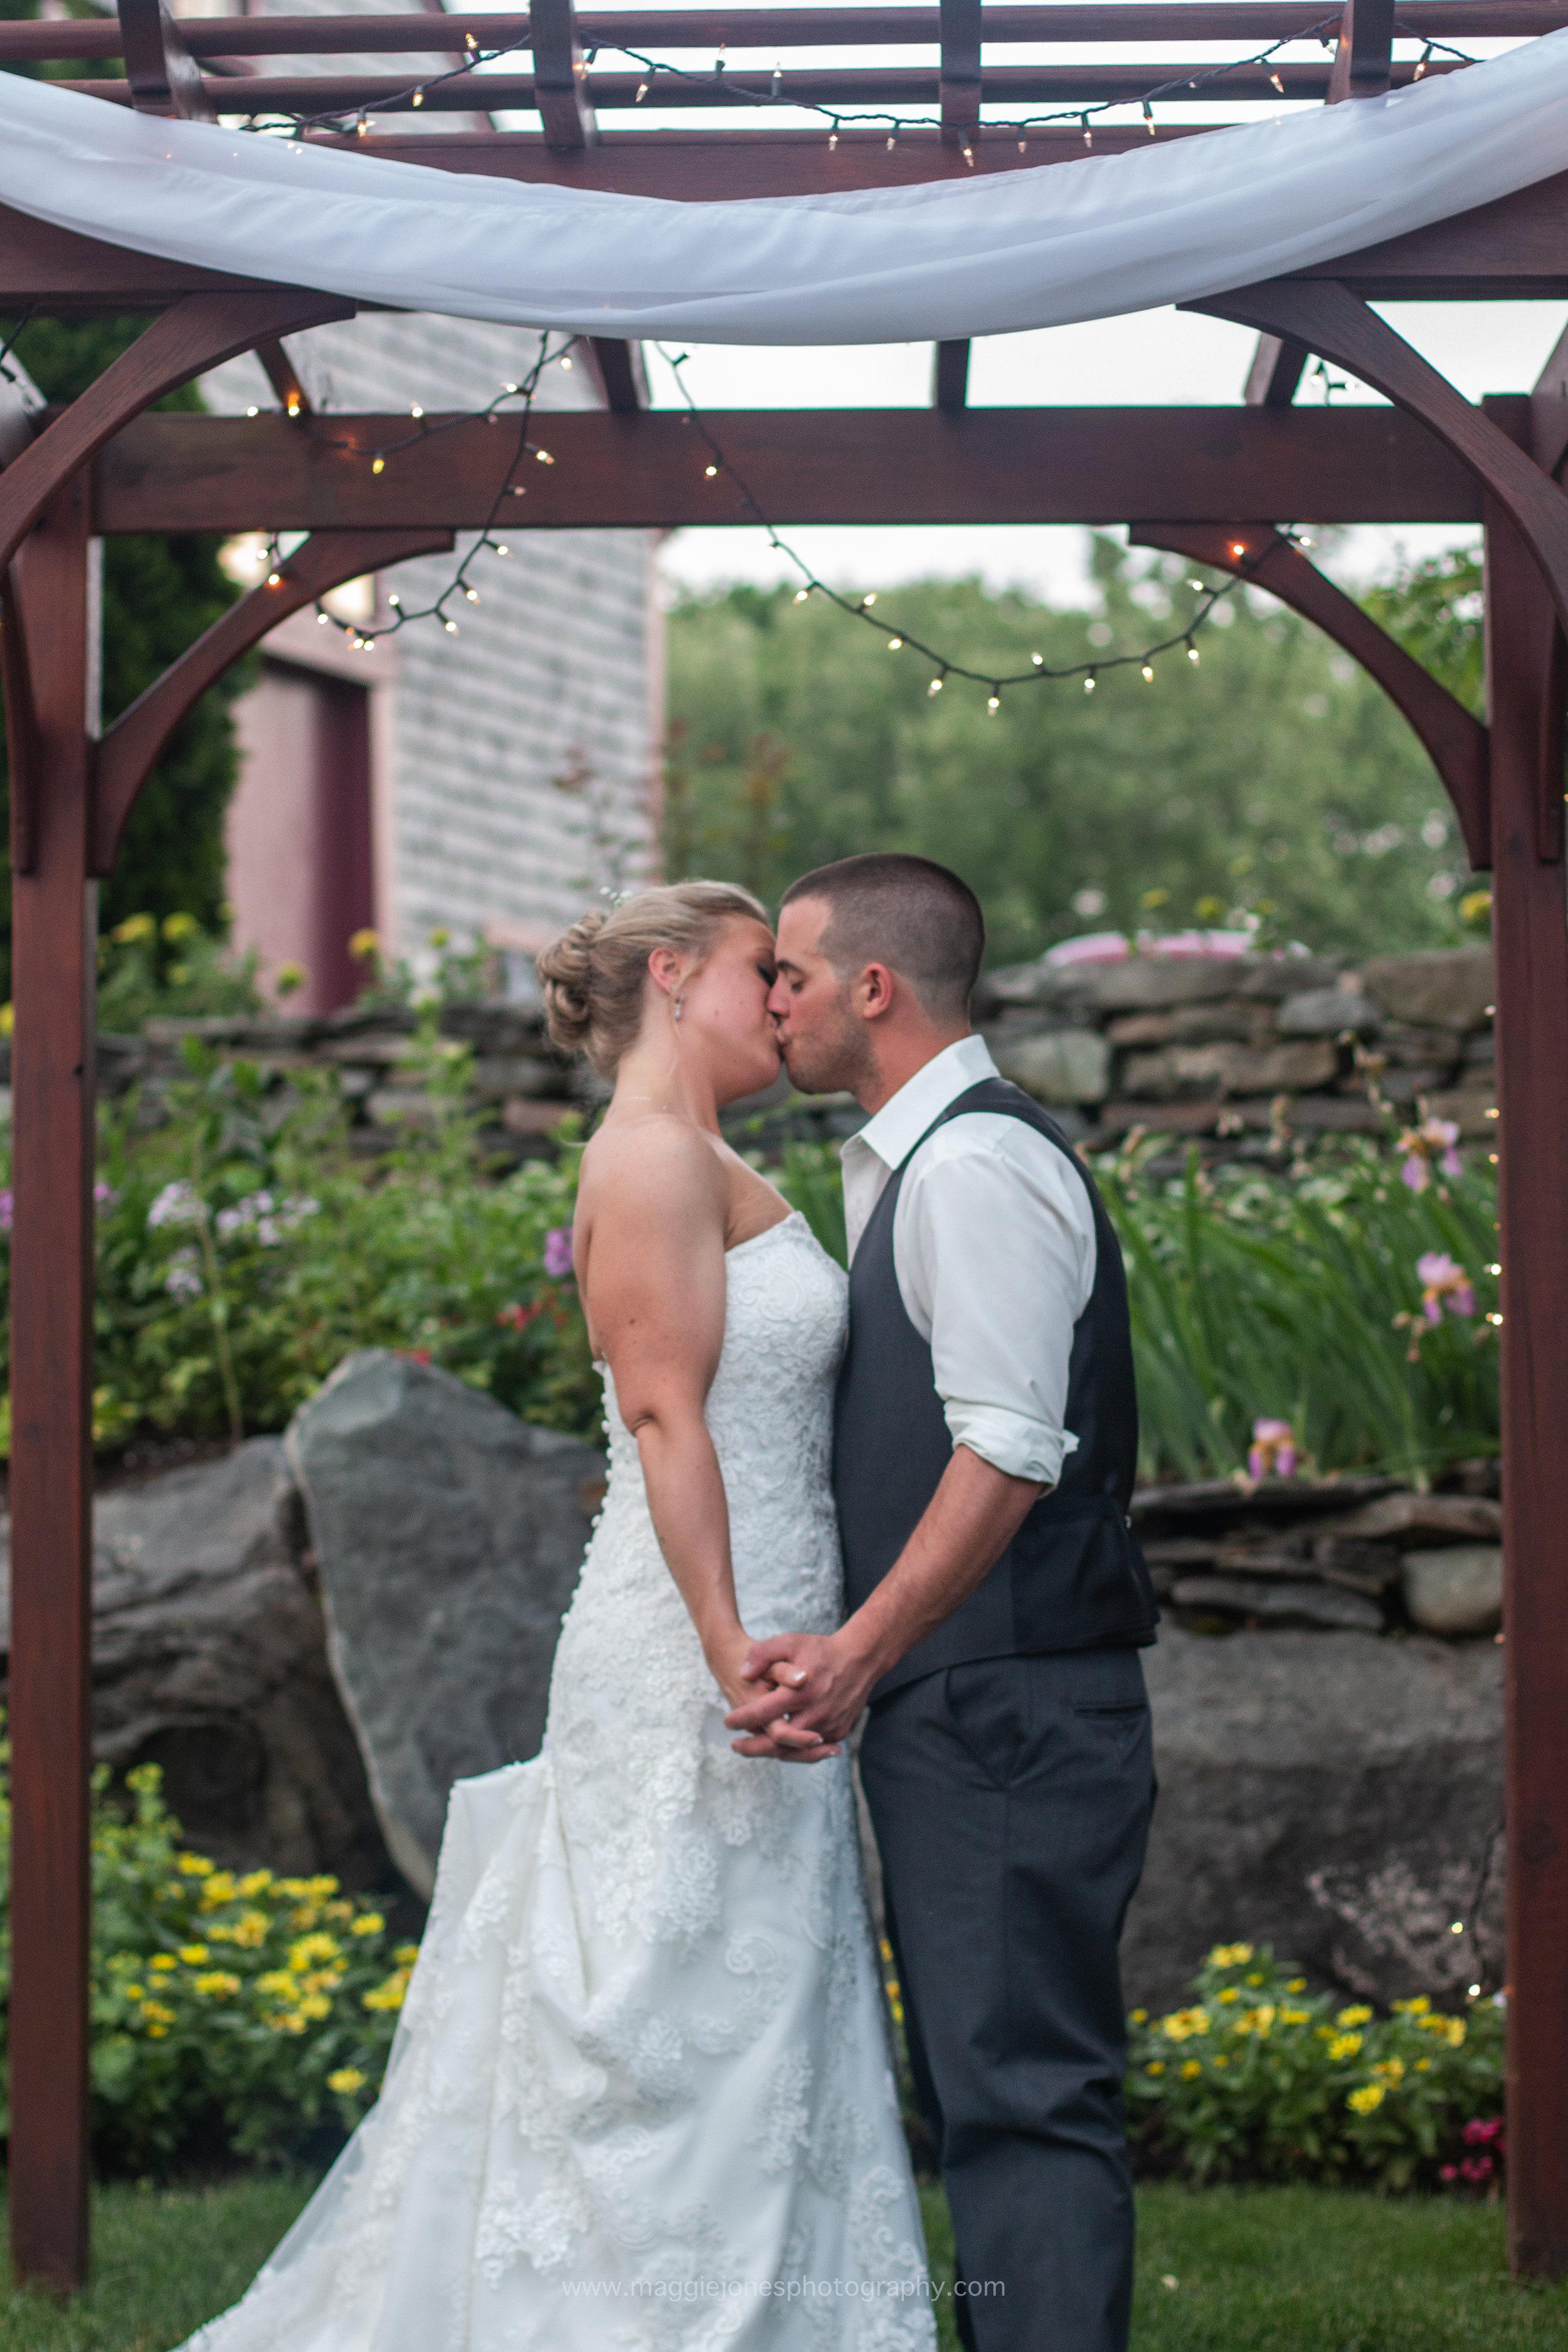 Ashley+DavidShaw_WEDDING_blog-1-52.jpg